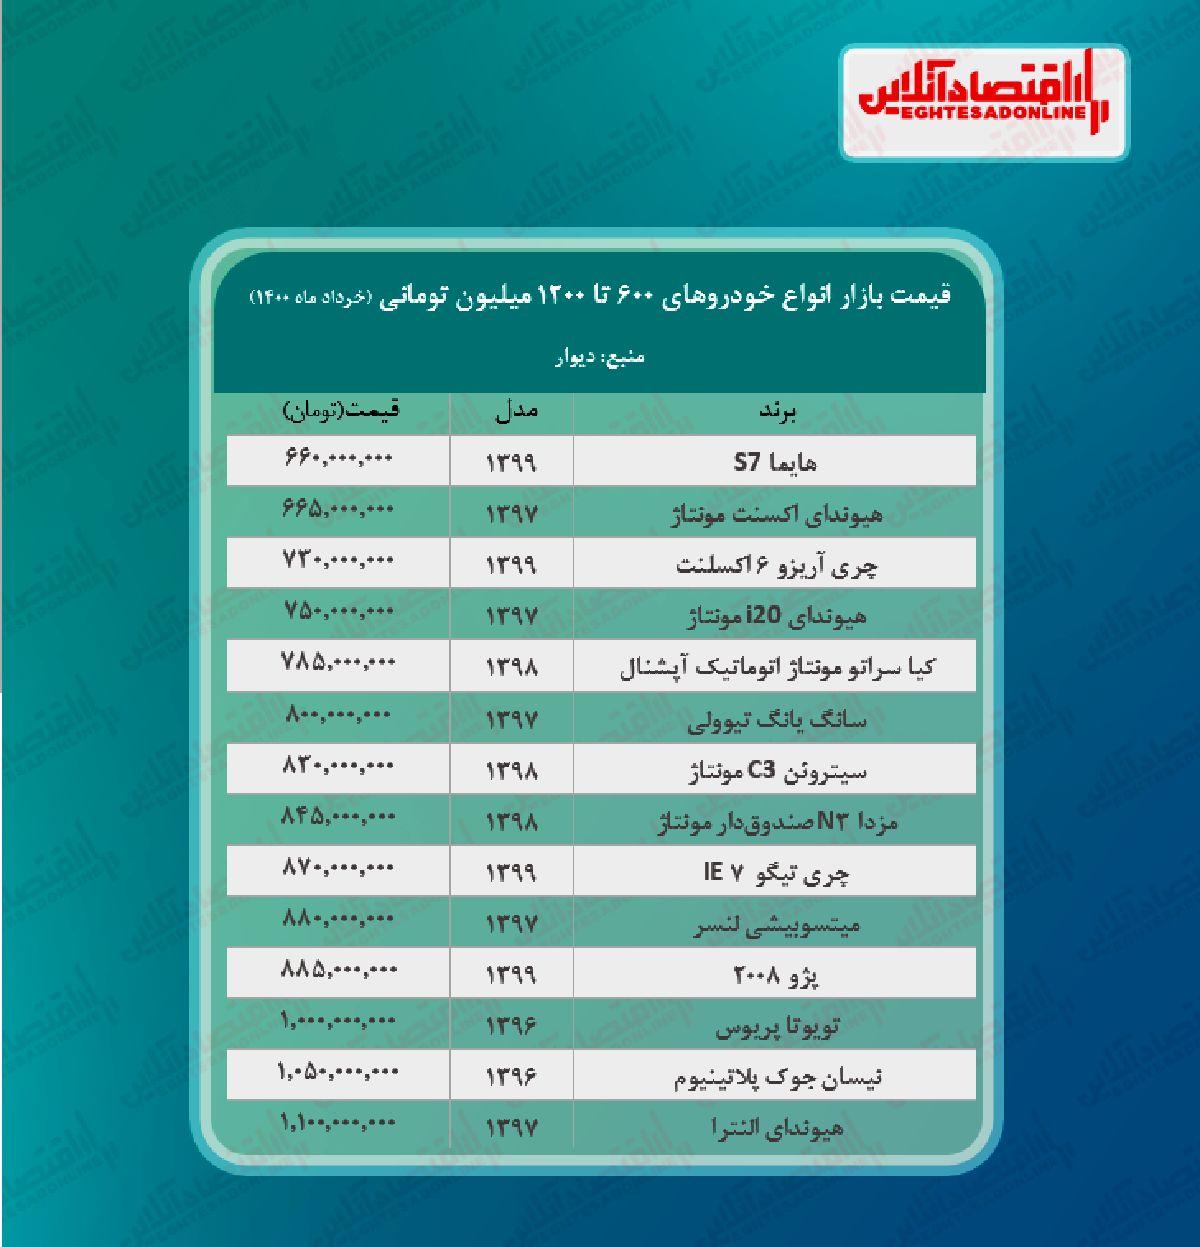 قیمت روز خودروهای لاکچری در پایتخت + جدول